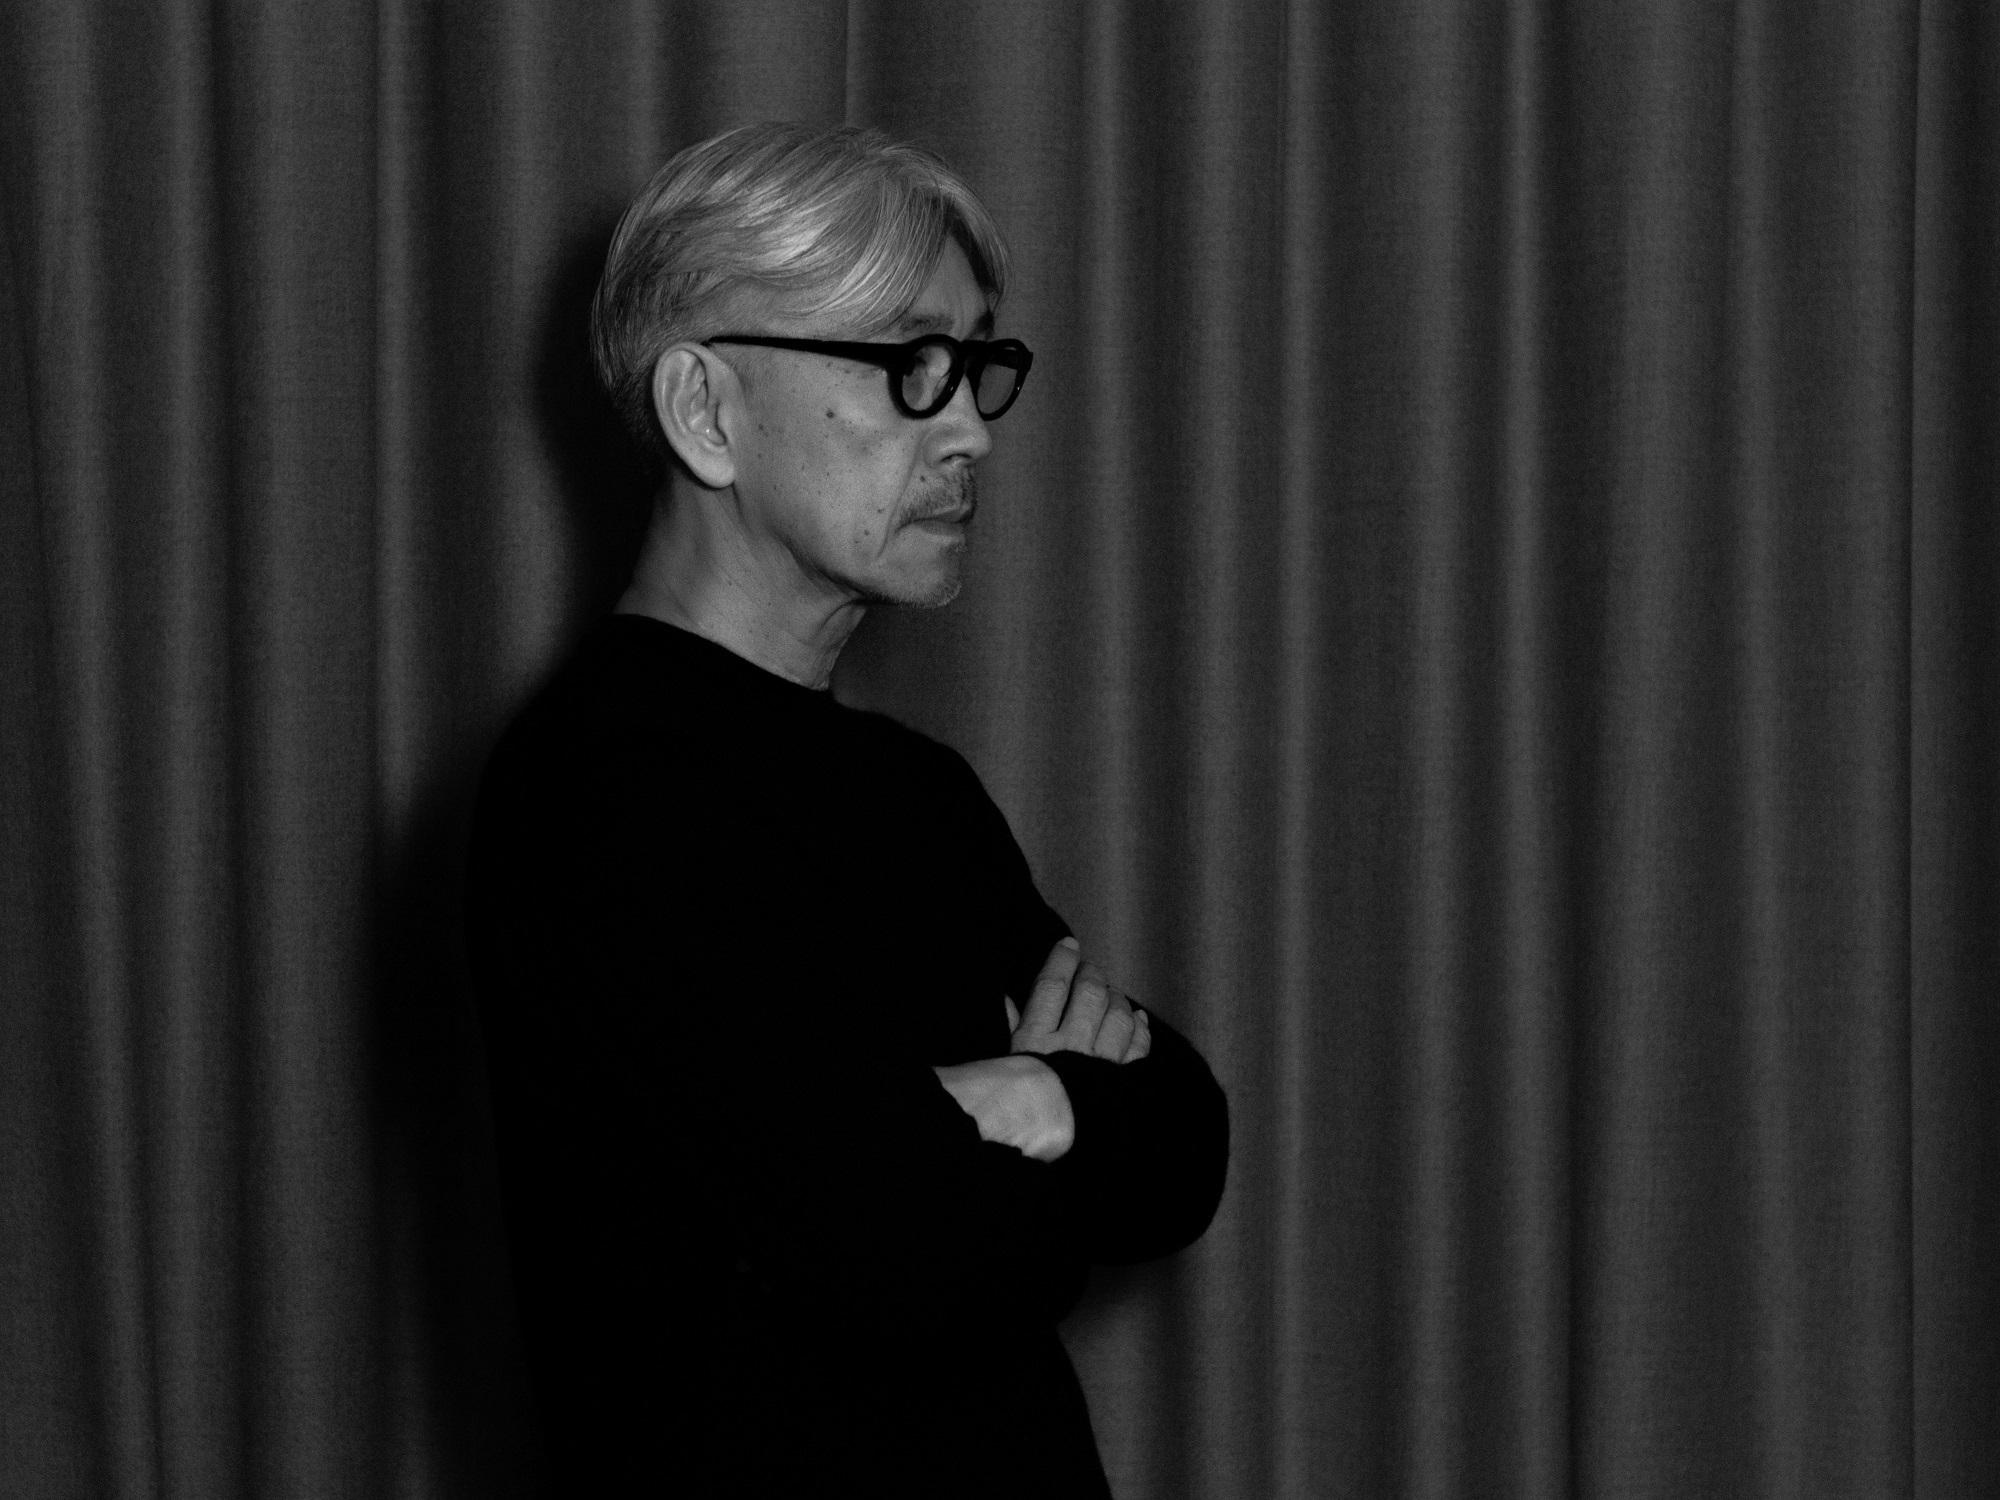 坂本龍一氏  Photo by zakkubalan (c)2017 Kab Inc.